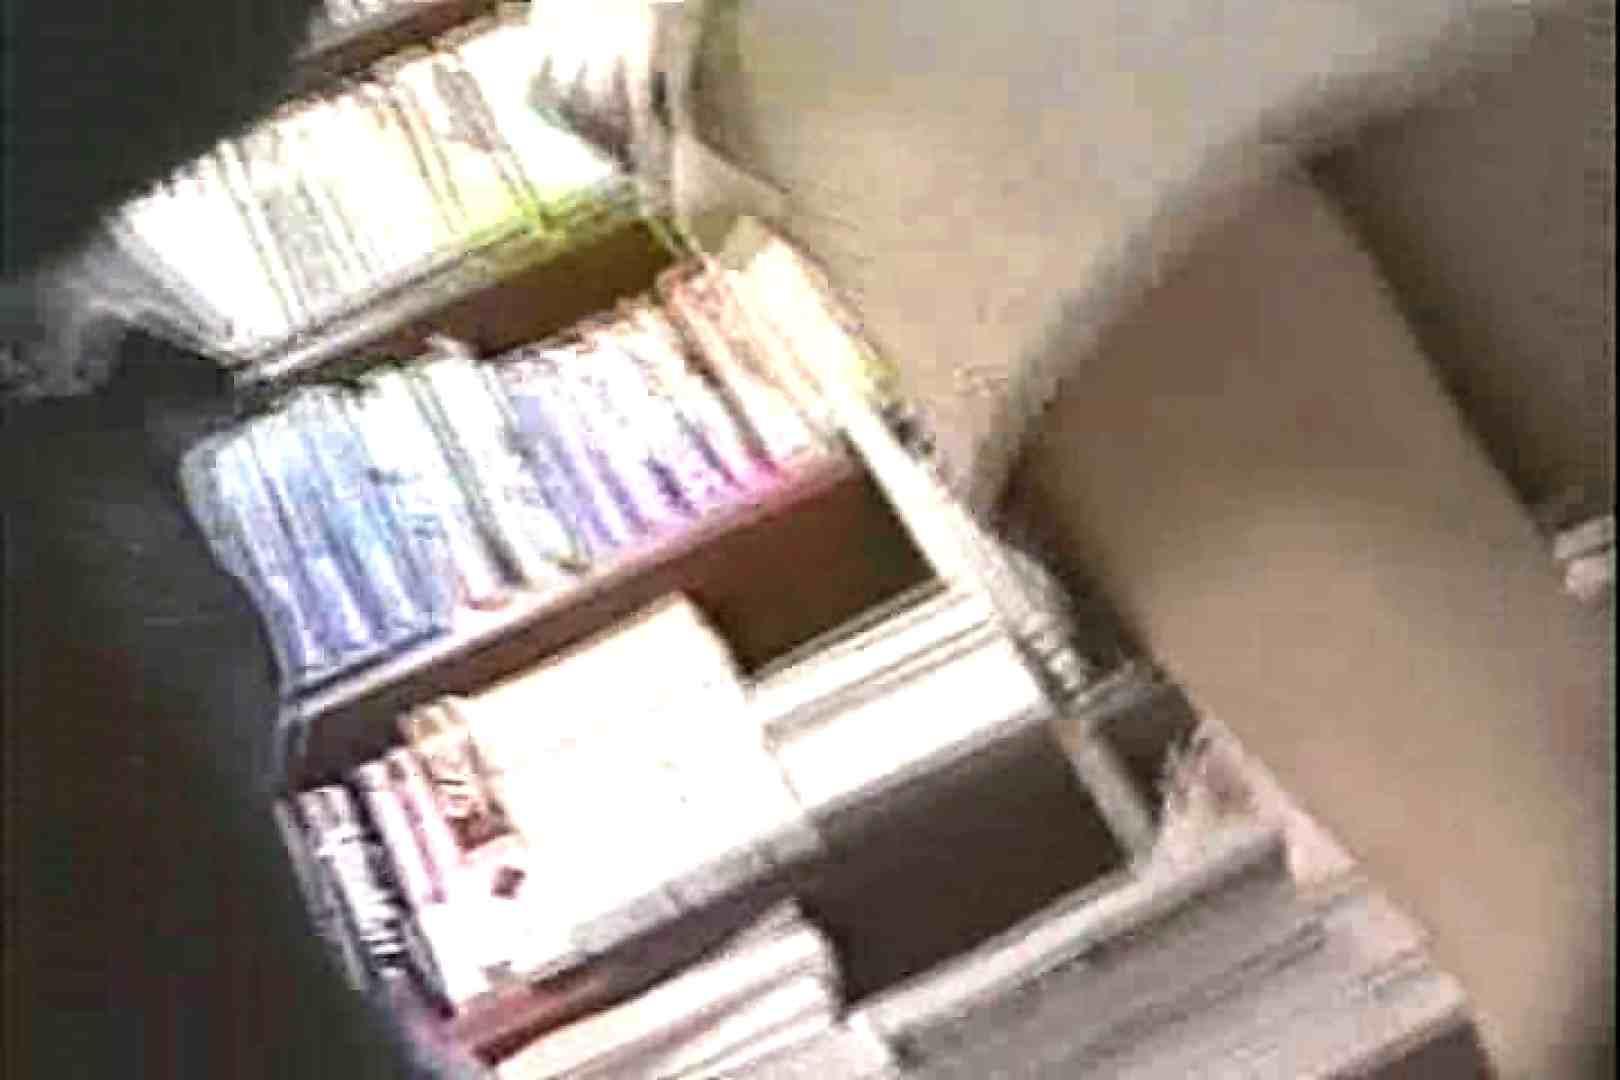 「ちくりん」さんのオリジナル未編集パンチラVol.3_02 パンチラのぞき ぱこり動画紹介 87画像 79